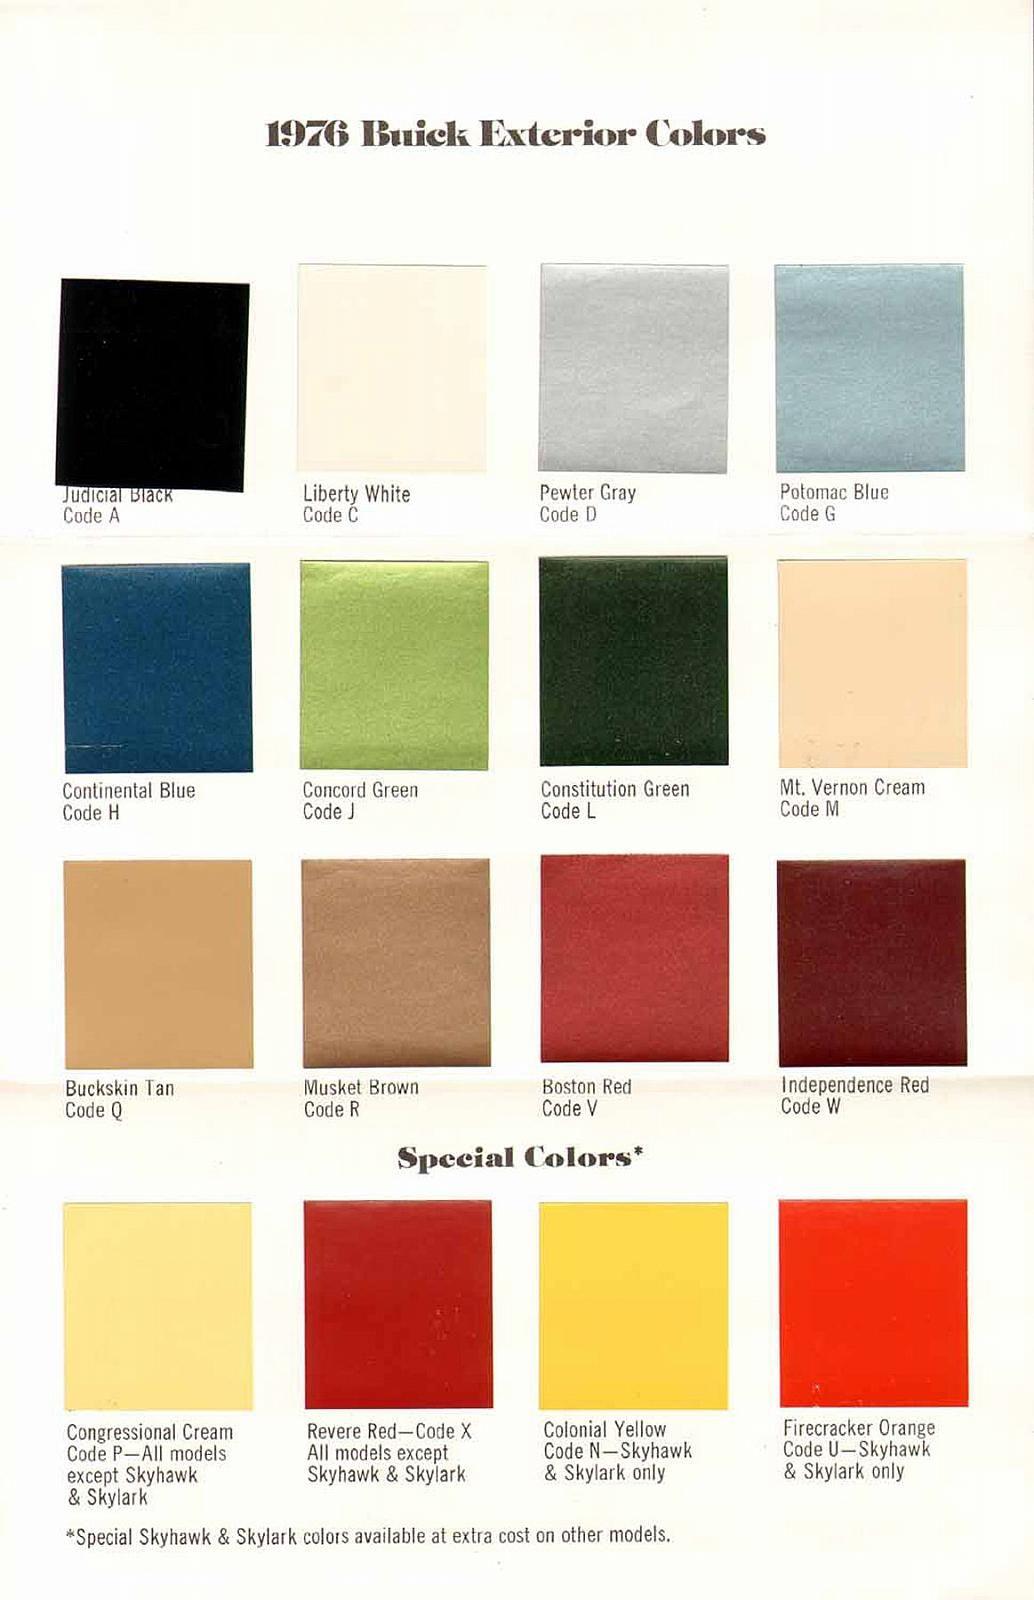 1976 buick exterior color chart colors pinterest for Exterior paint color chart